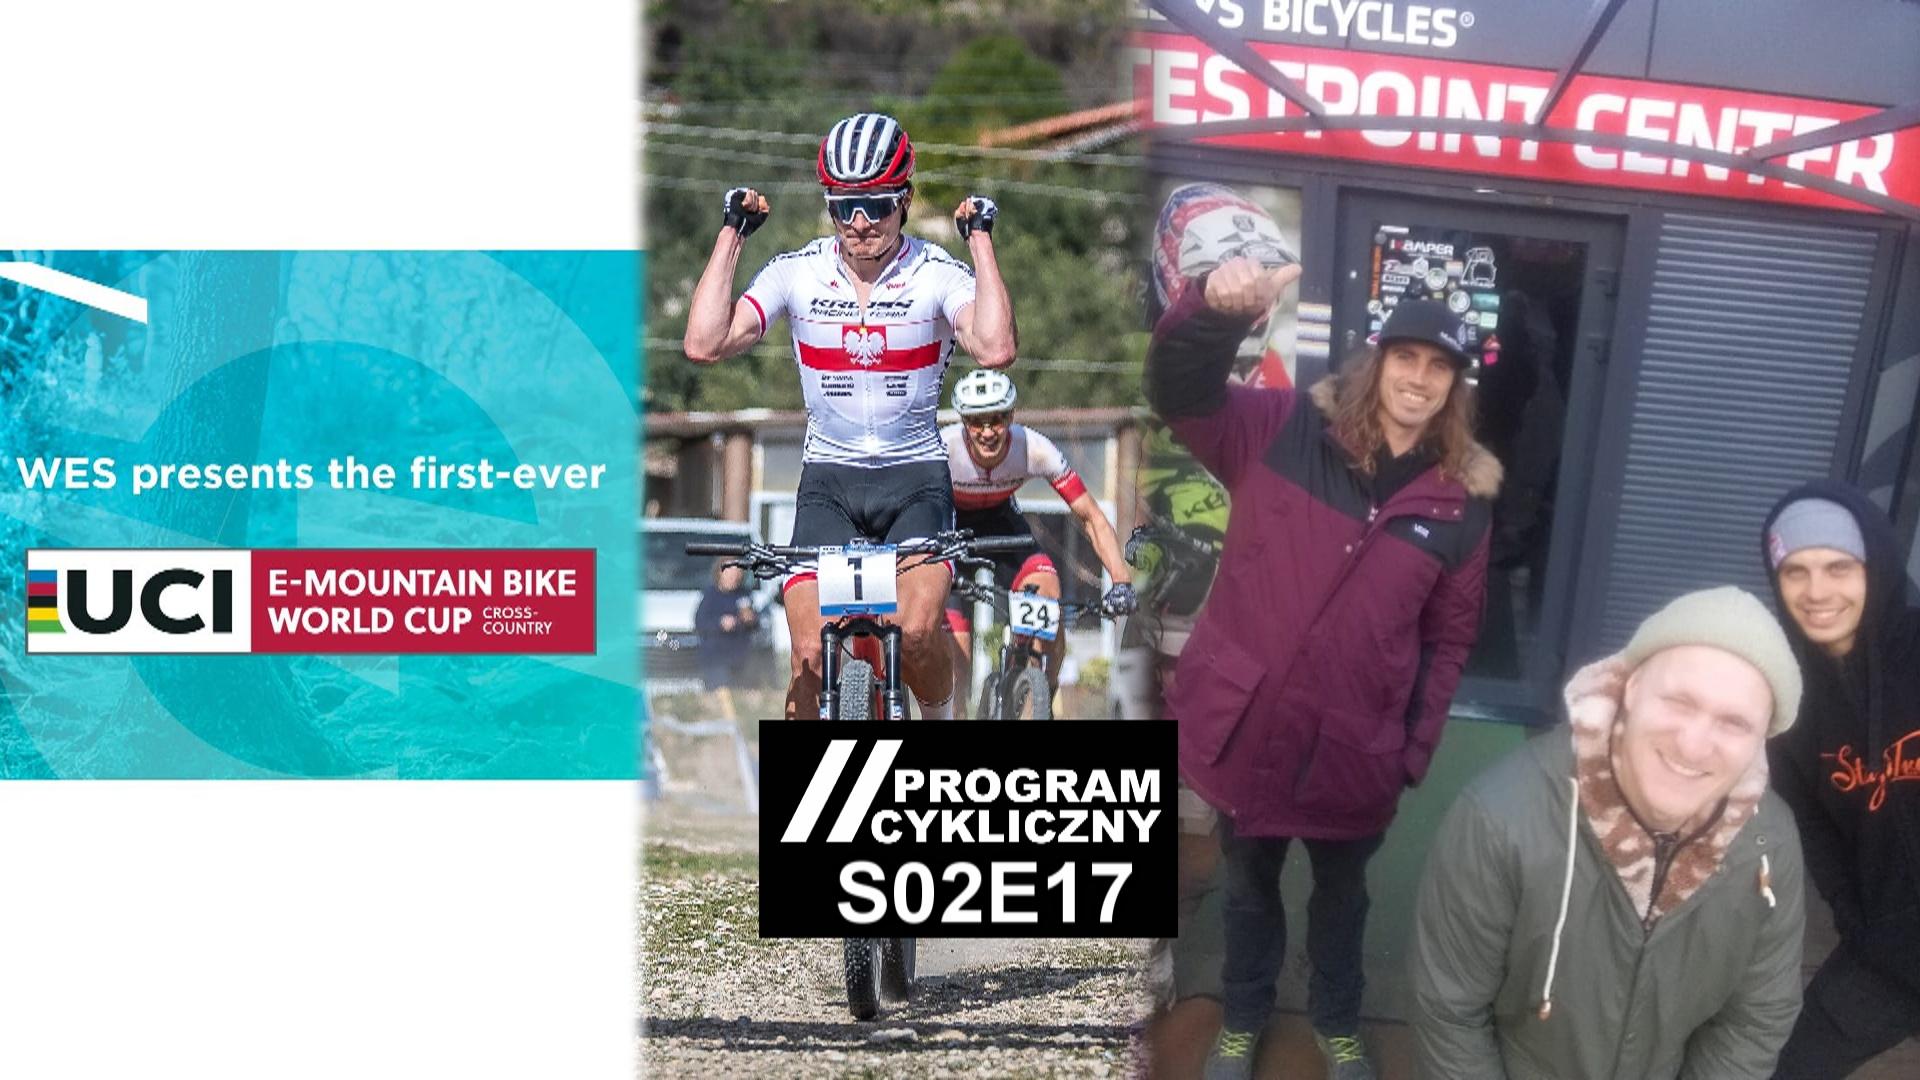 Program Cykliczy S02E17 – Nico Vink w Srebrnej Górze, IMBA w Świeradowie, Gravele na Bike Maratonie